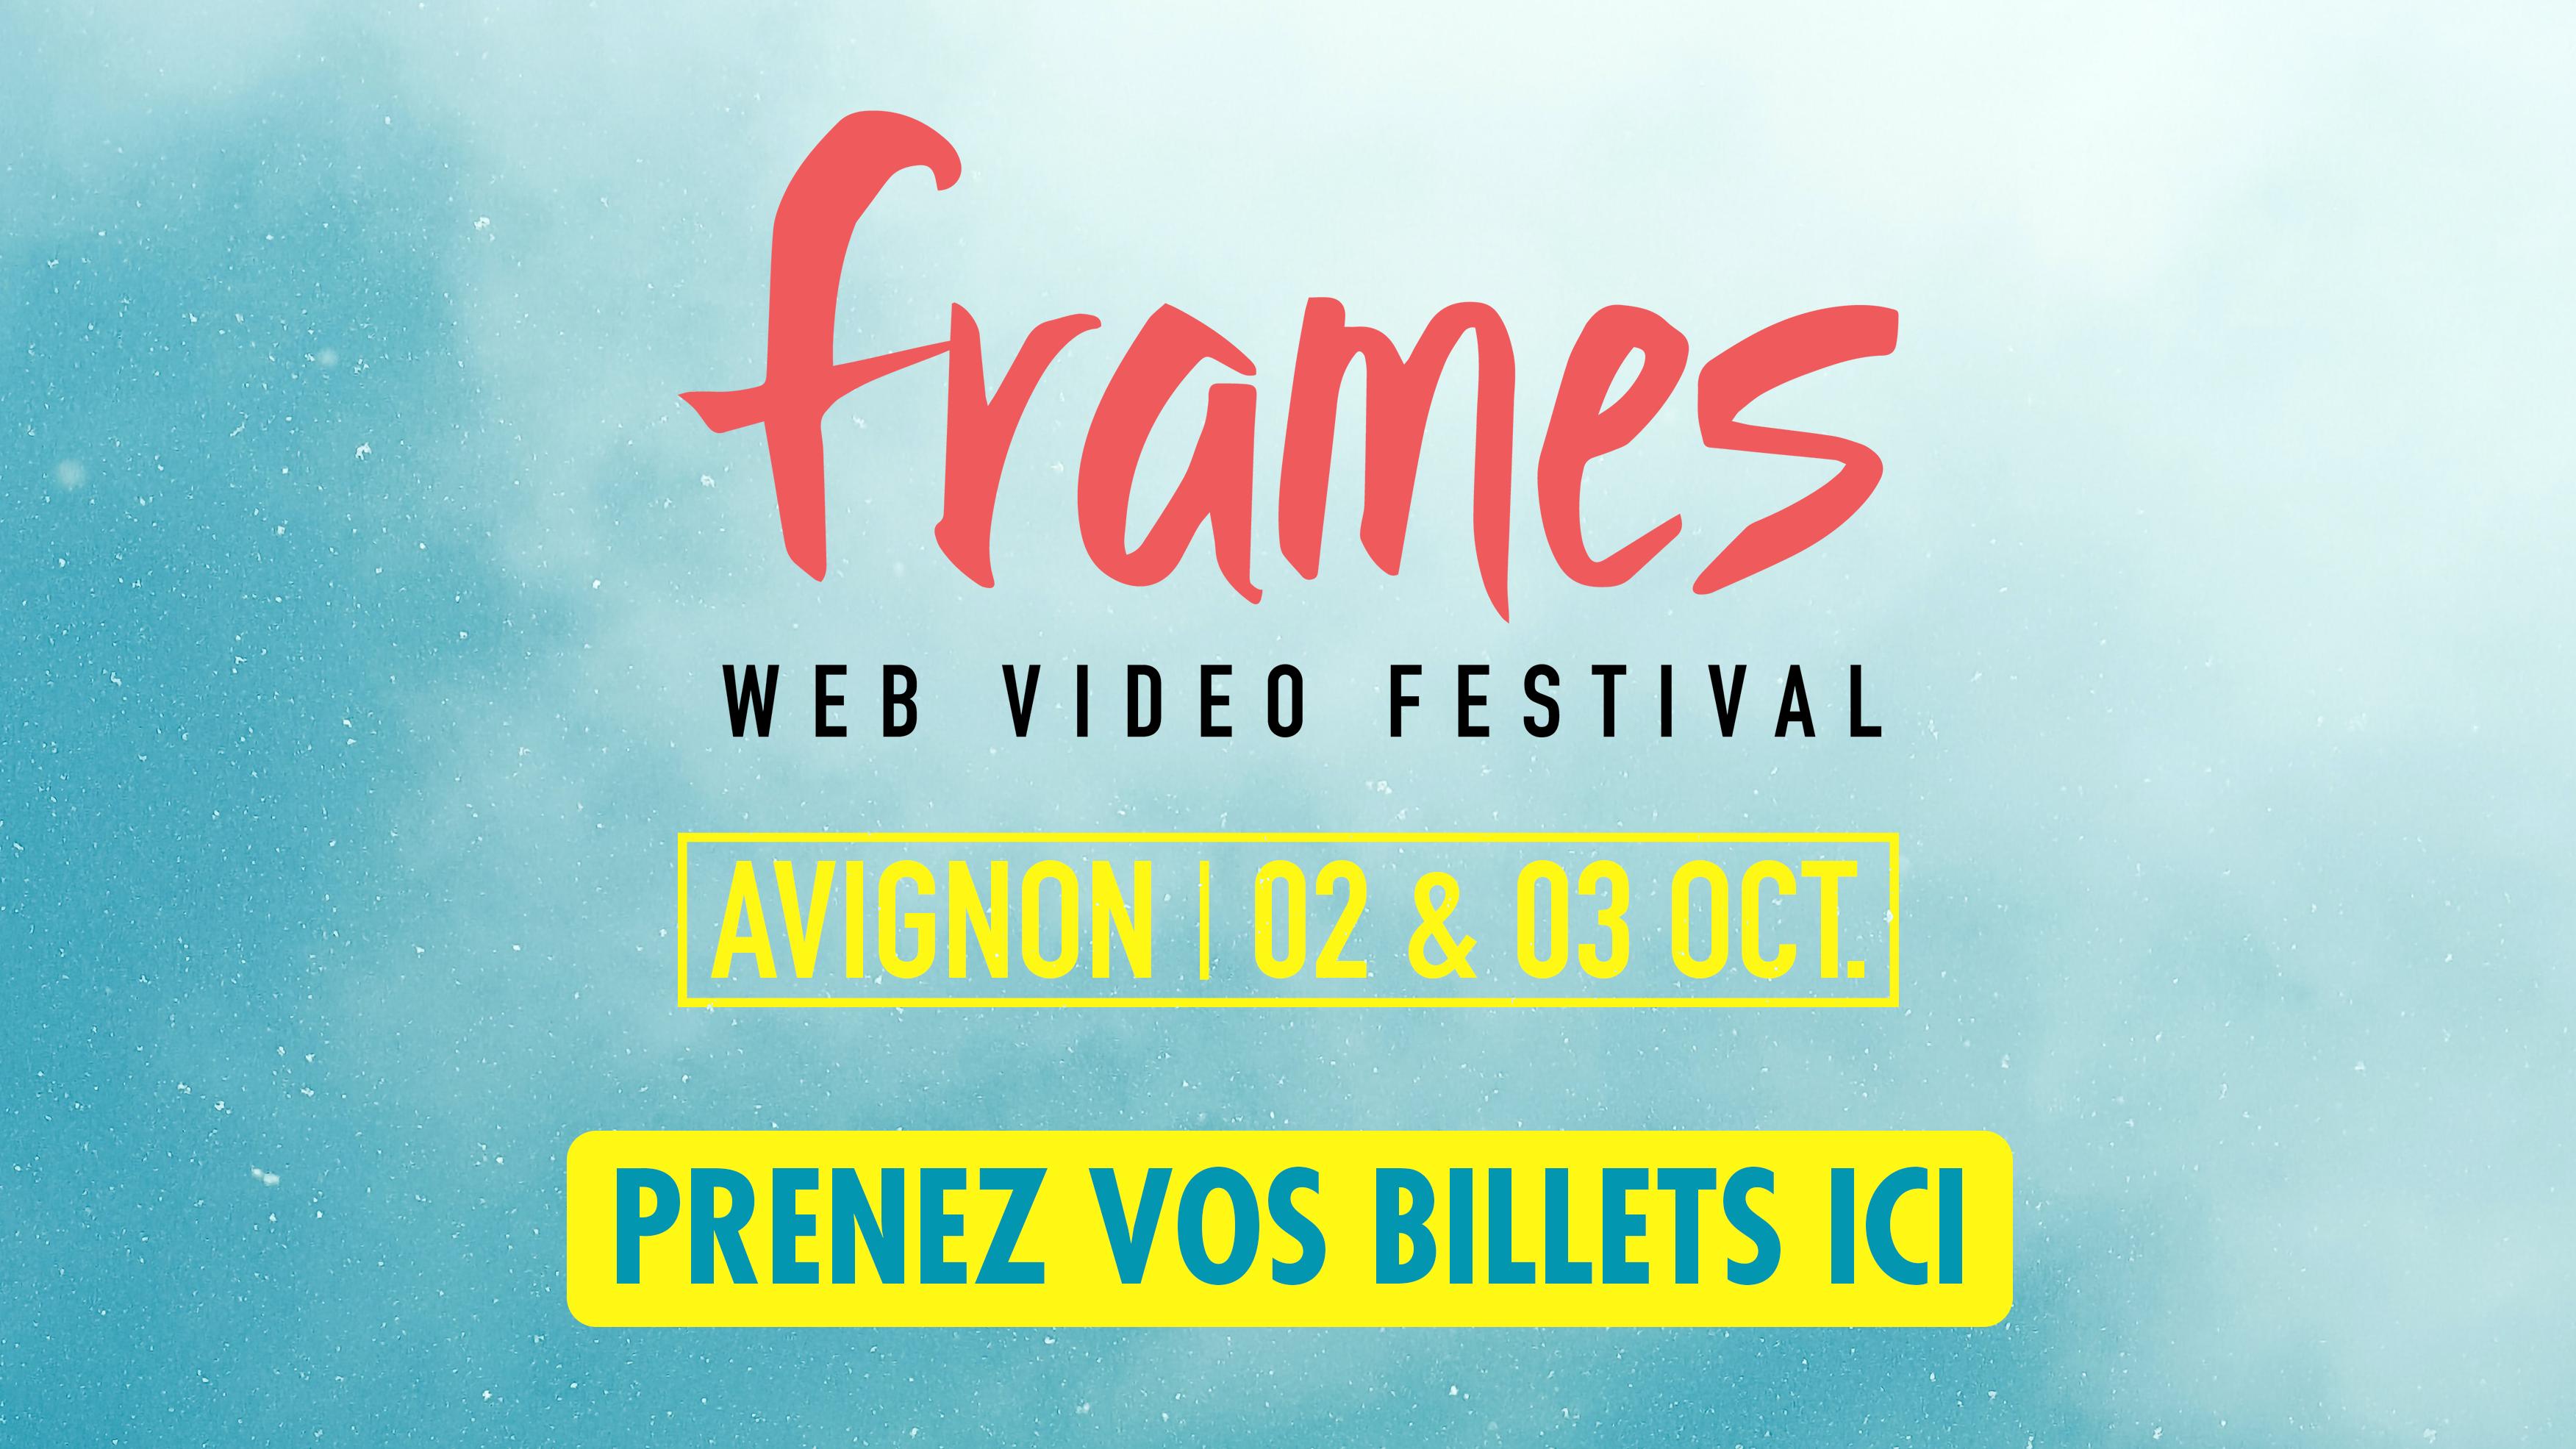 Réservez vos billets pour Frames